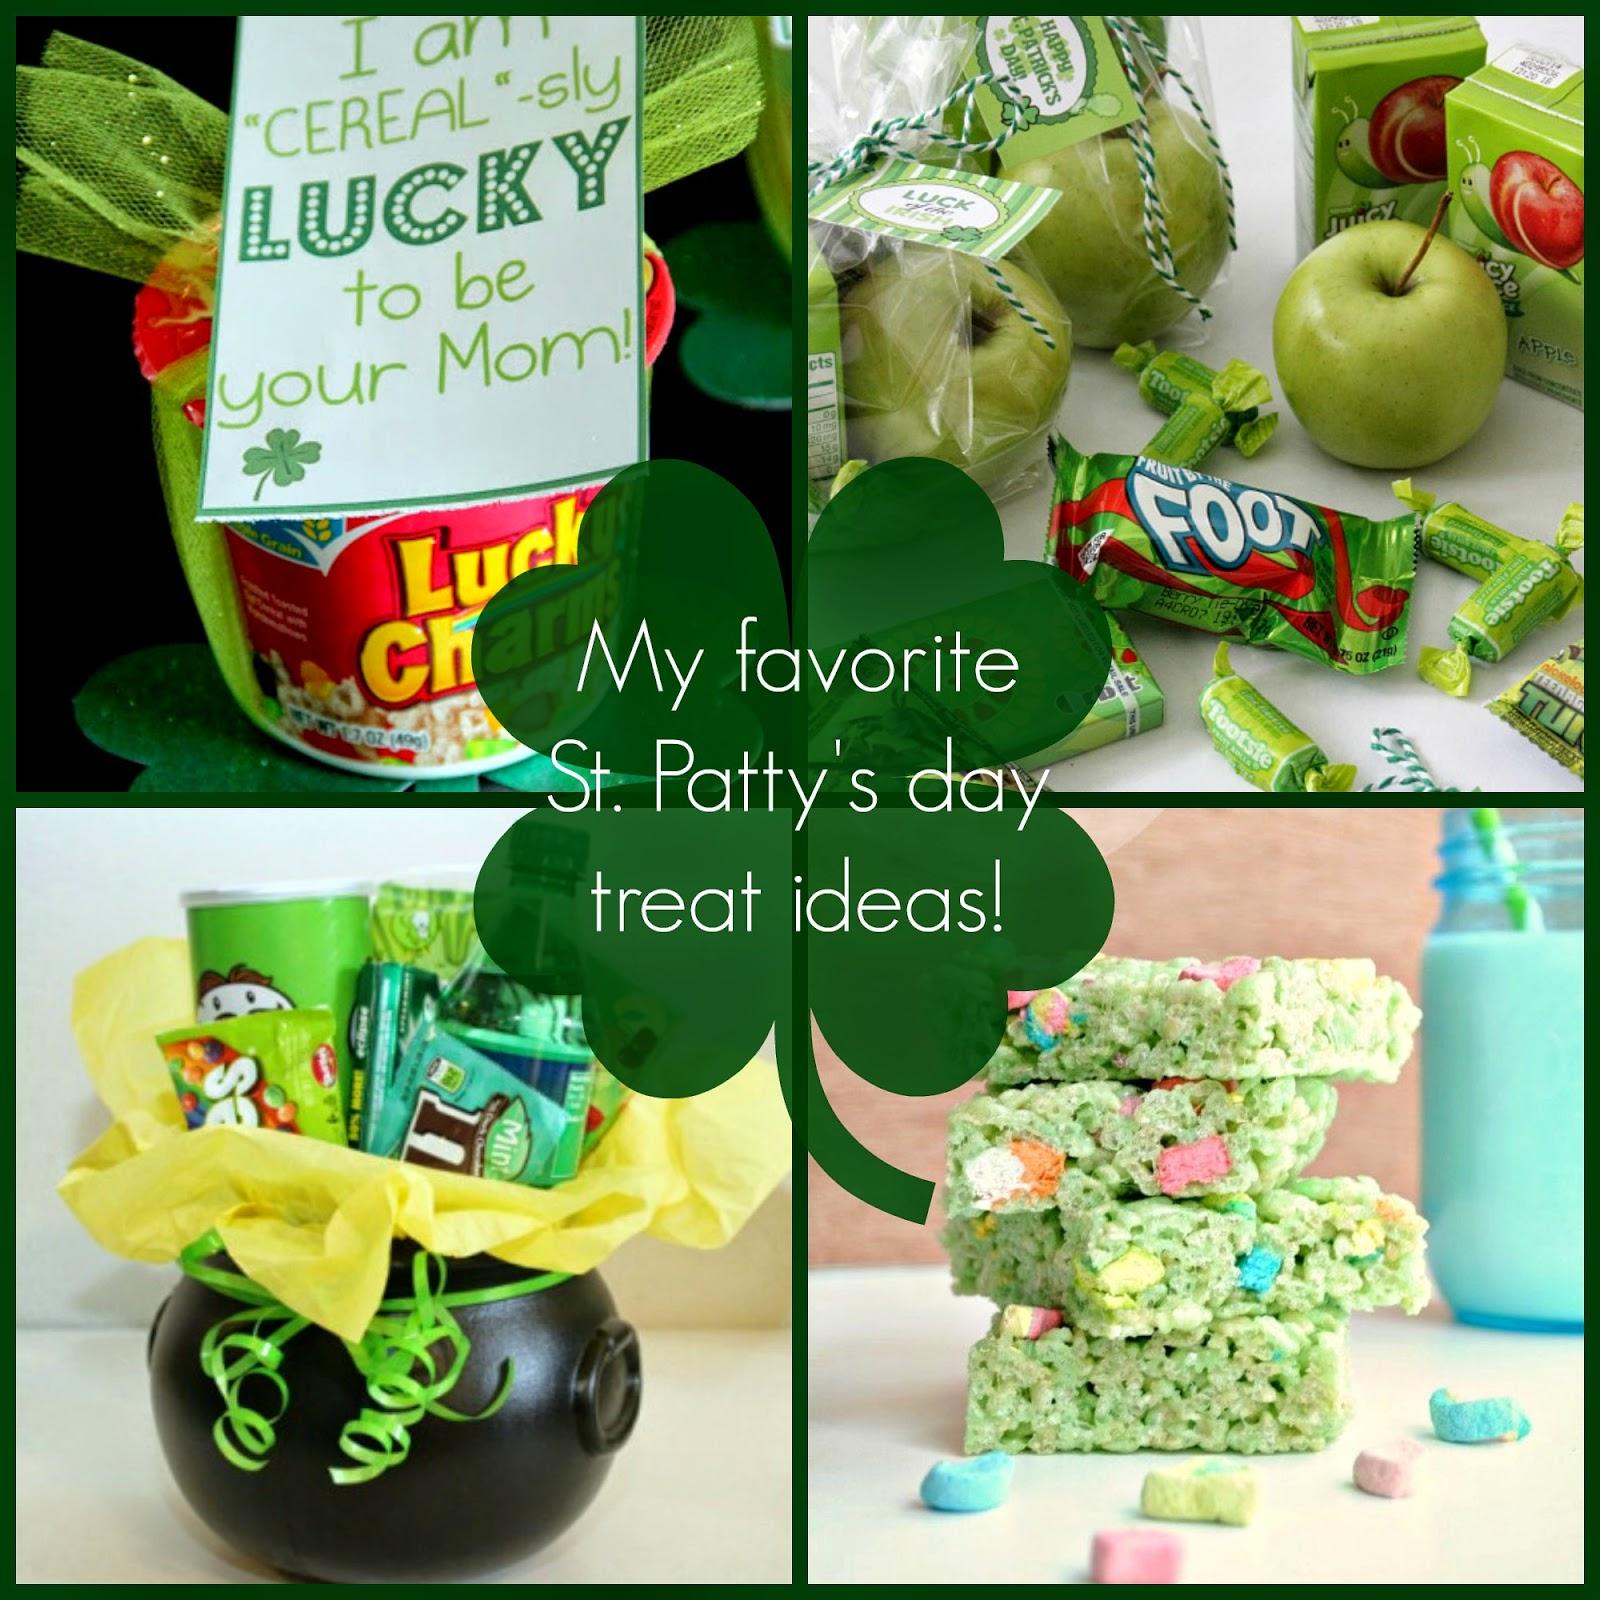 St Patrick's Day treat ideas